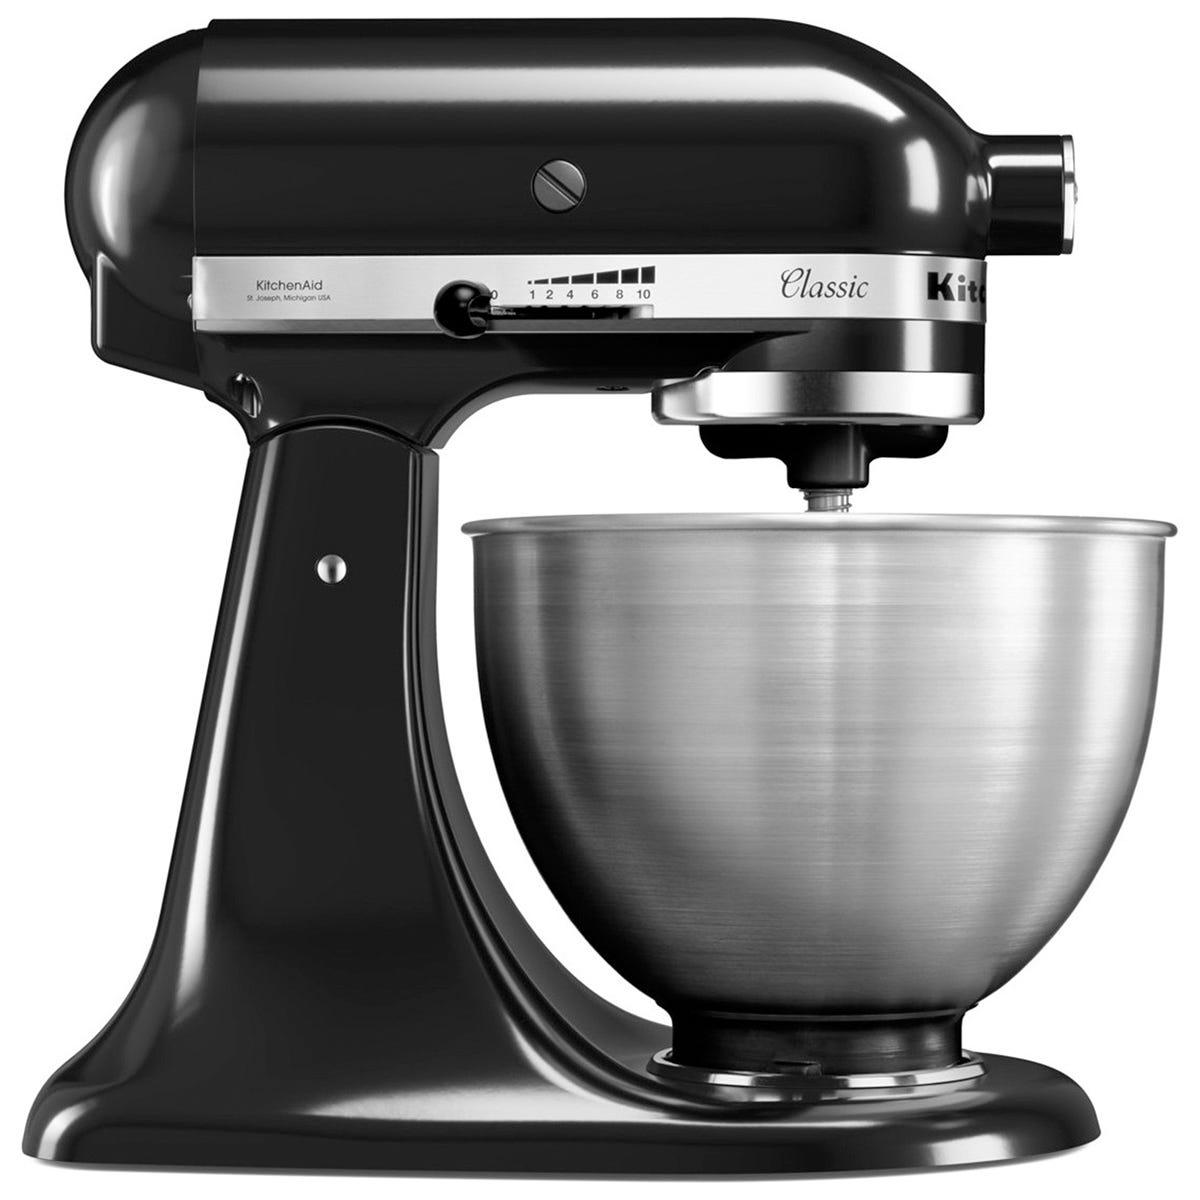 KitchenAid 4.3L Classic Stand Mixer - Black